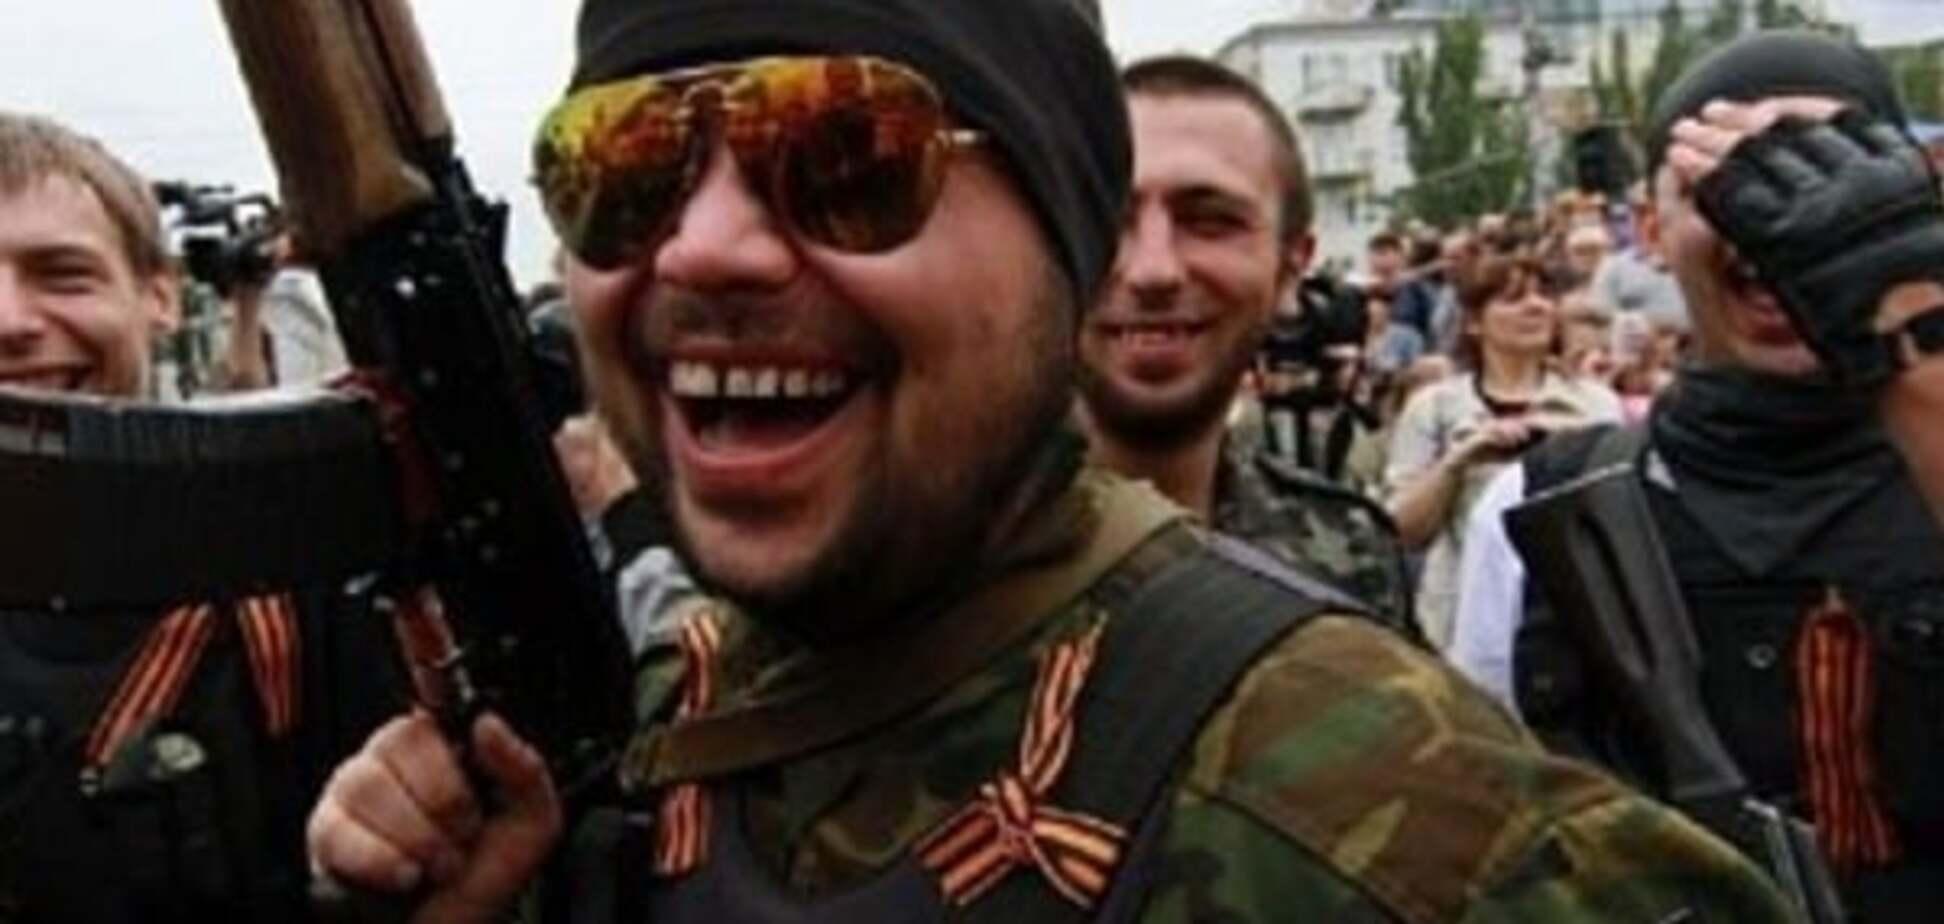 Зворотний 'гумконвой': Москву заполонили мічені гроші з 'ДНР'